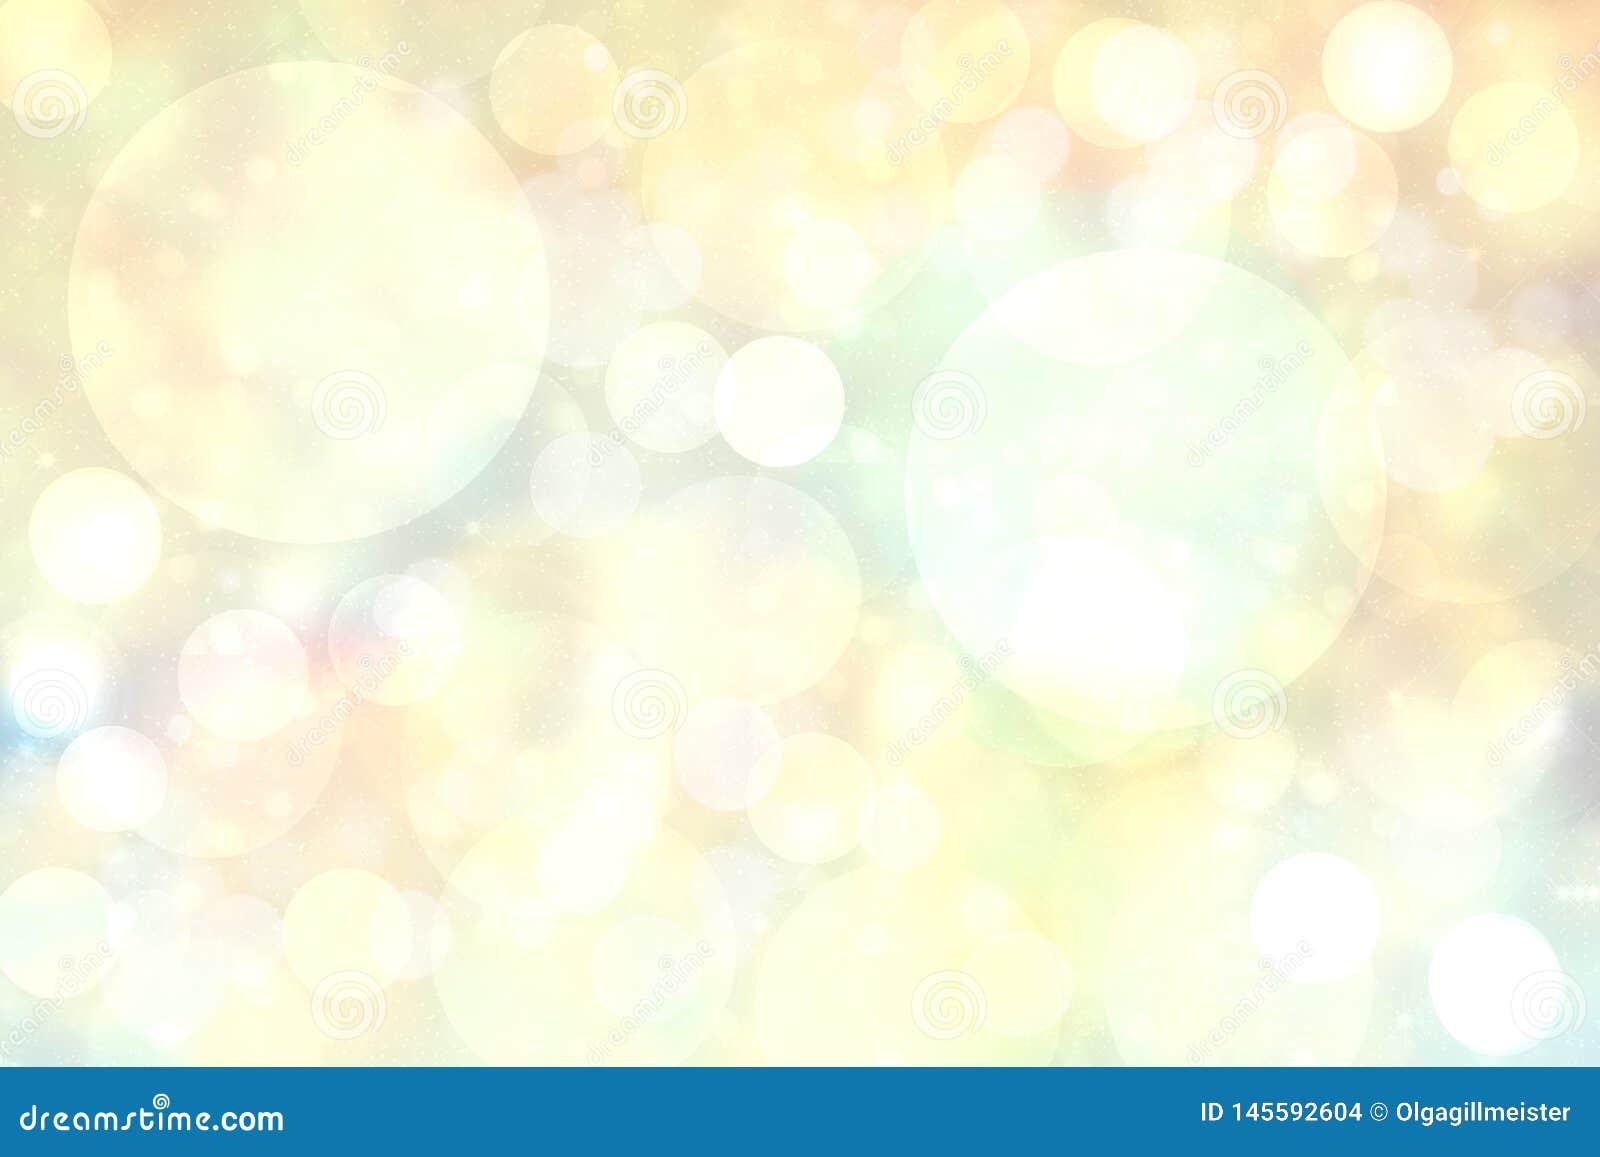 Zusammenfassung unscharfe klarer Frühlingssommer helle empfindliche gelbe bokeh Hintergrundpastellbeschaffenheit mit hellen weich